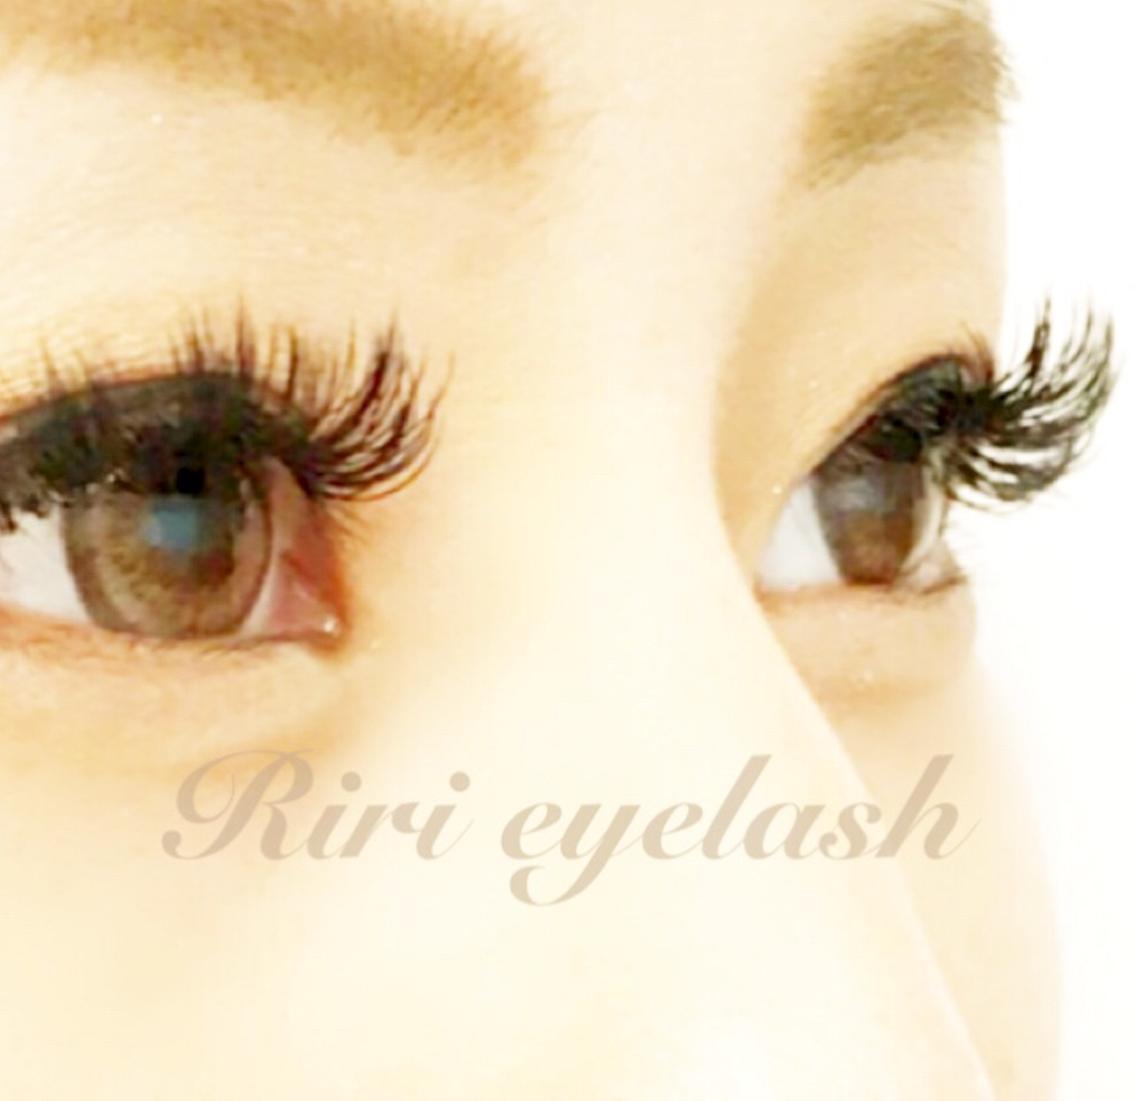 Riri eyelash所属・Ririeyelashの掲載